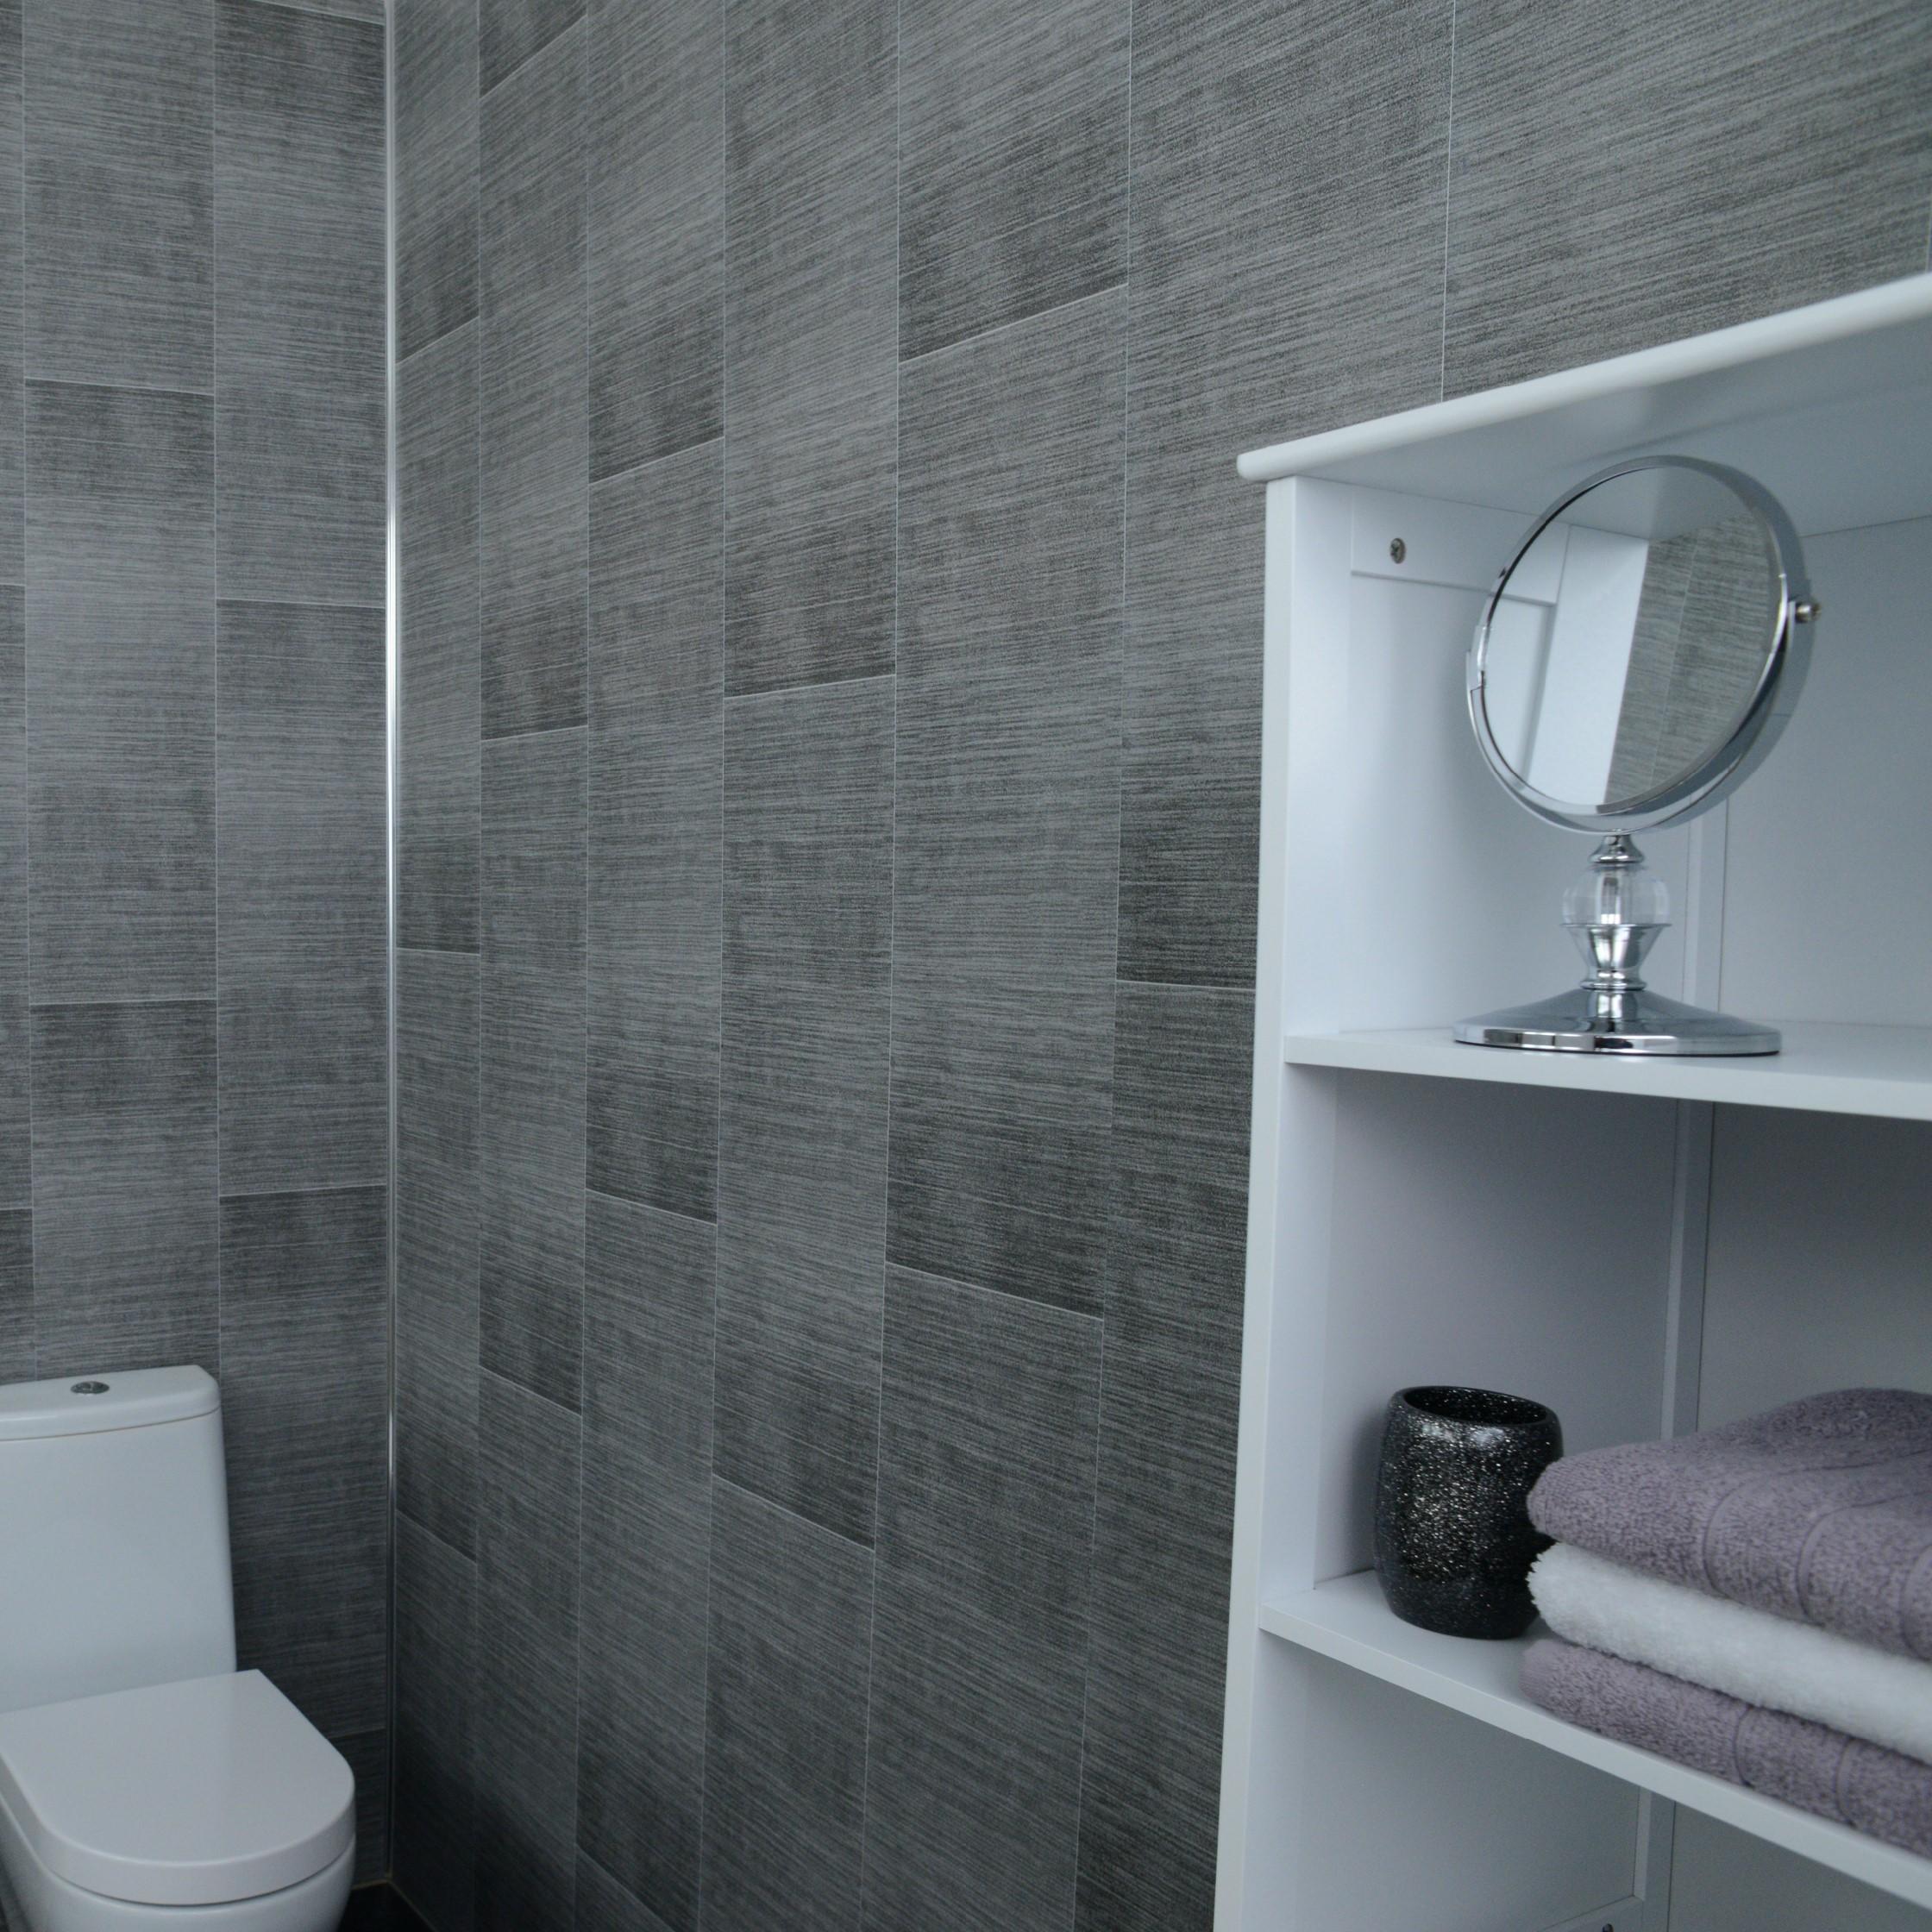 Grey Brushed Tile Effect Bathroom Cladding Amp Light Grey